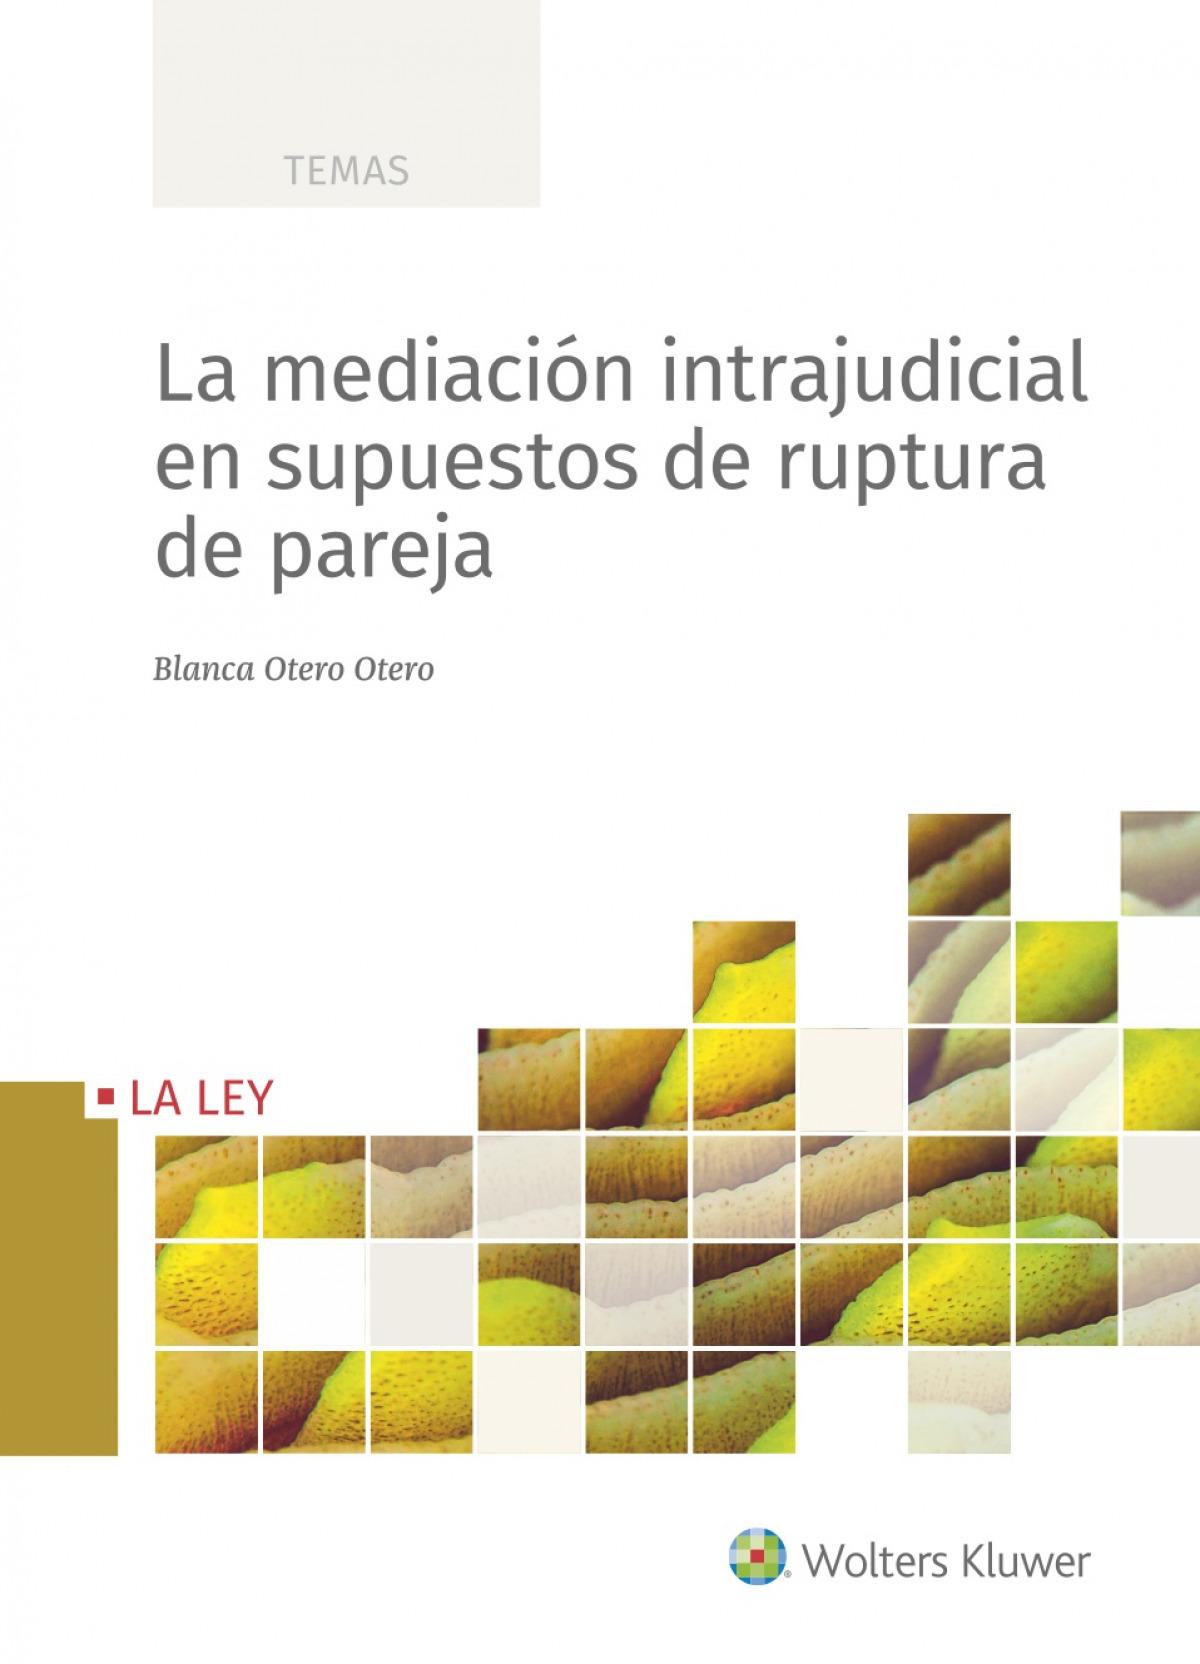 LA MEDIACIÓN INTRAJUDICIAL EN SUPUESTOS DE RUPTURA DE PAREJA